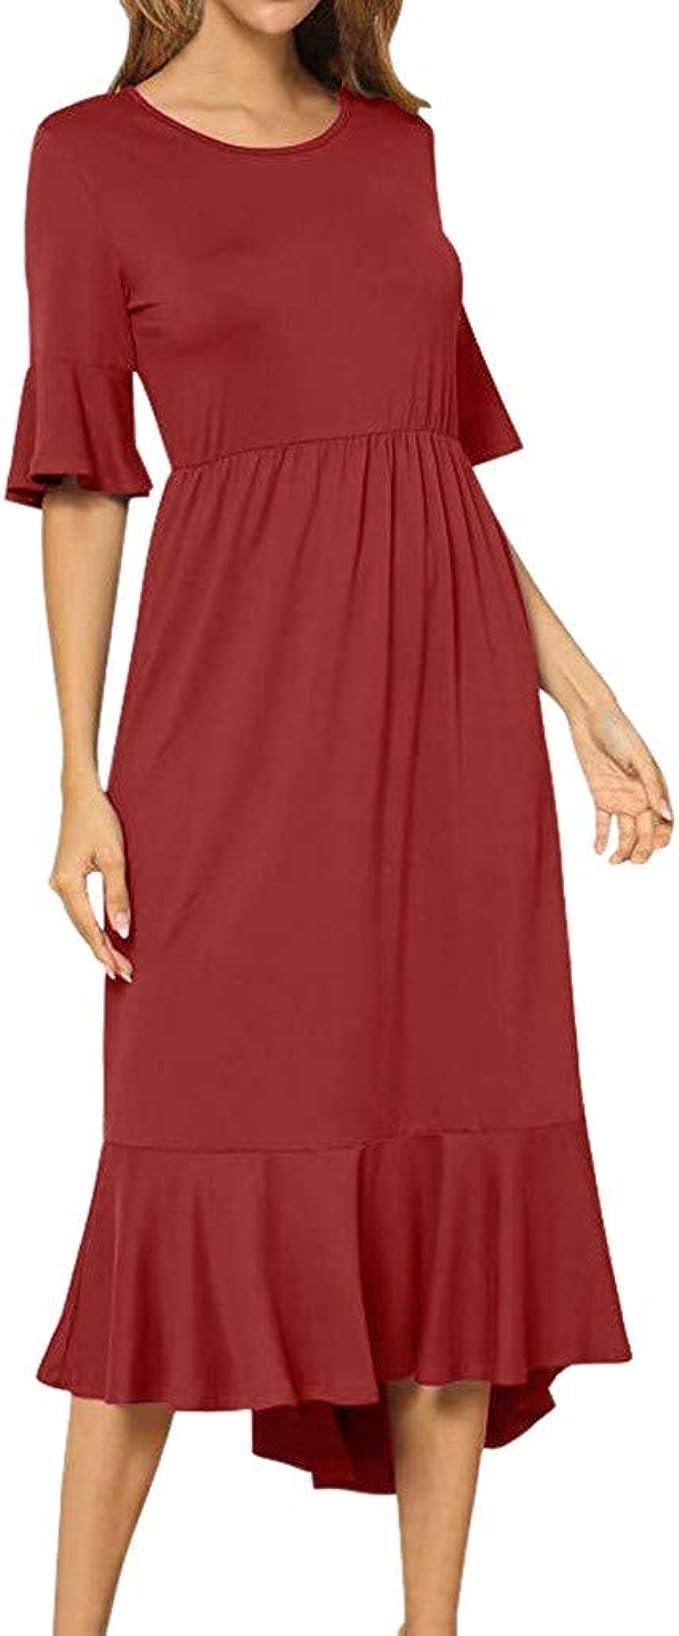 Eaylis_Damen Kleid mittellang, flüssig und lässig, einfarbig schick